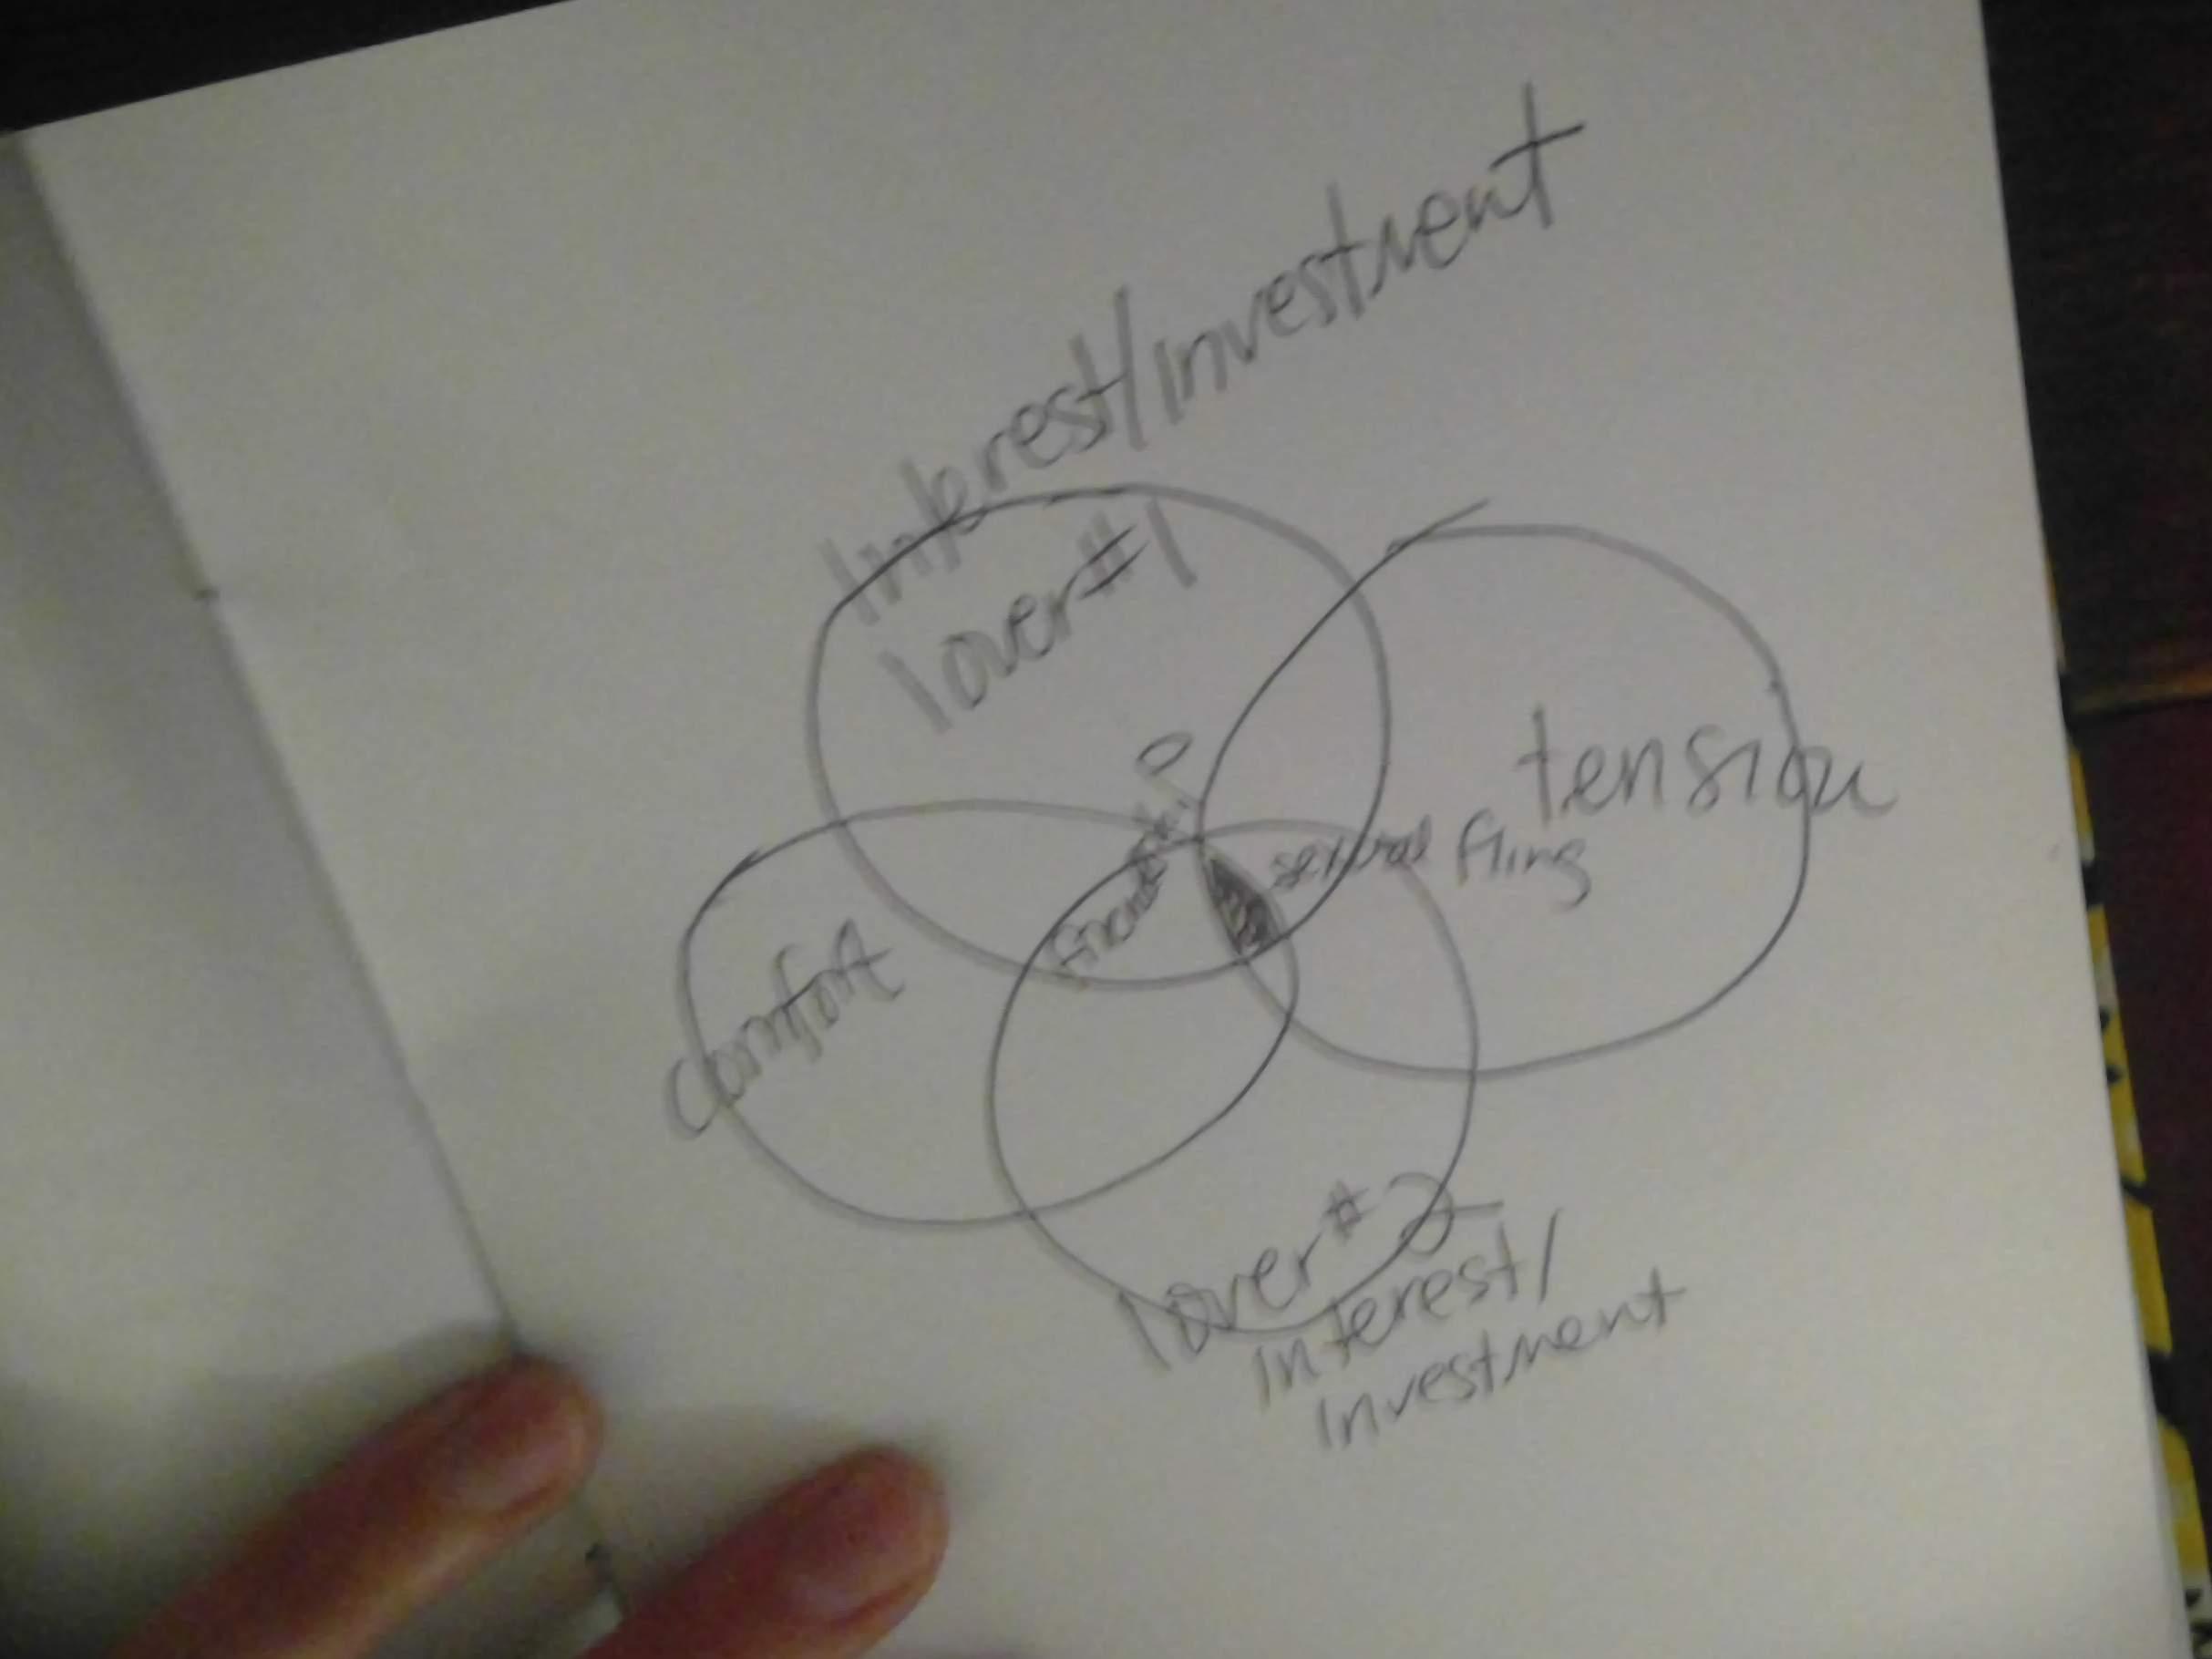 2016-03-29 Ariana's Venn diagram Spanish conversation